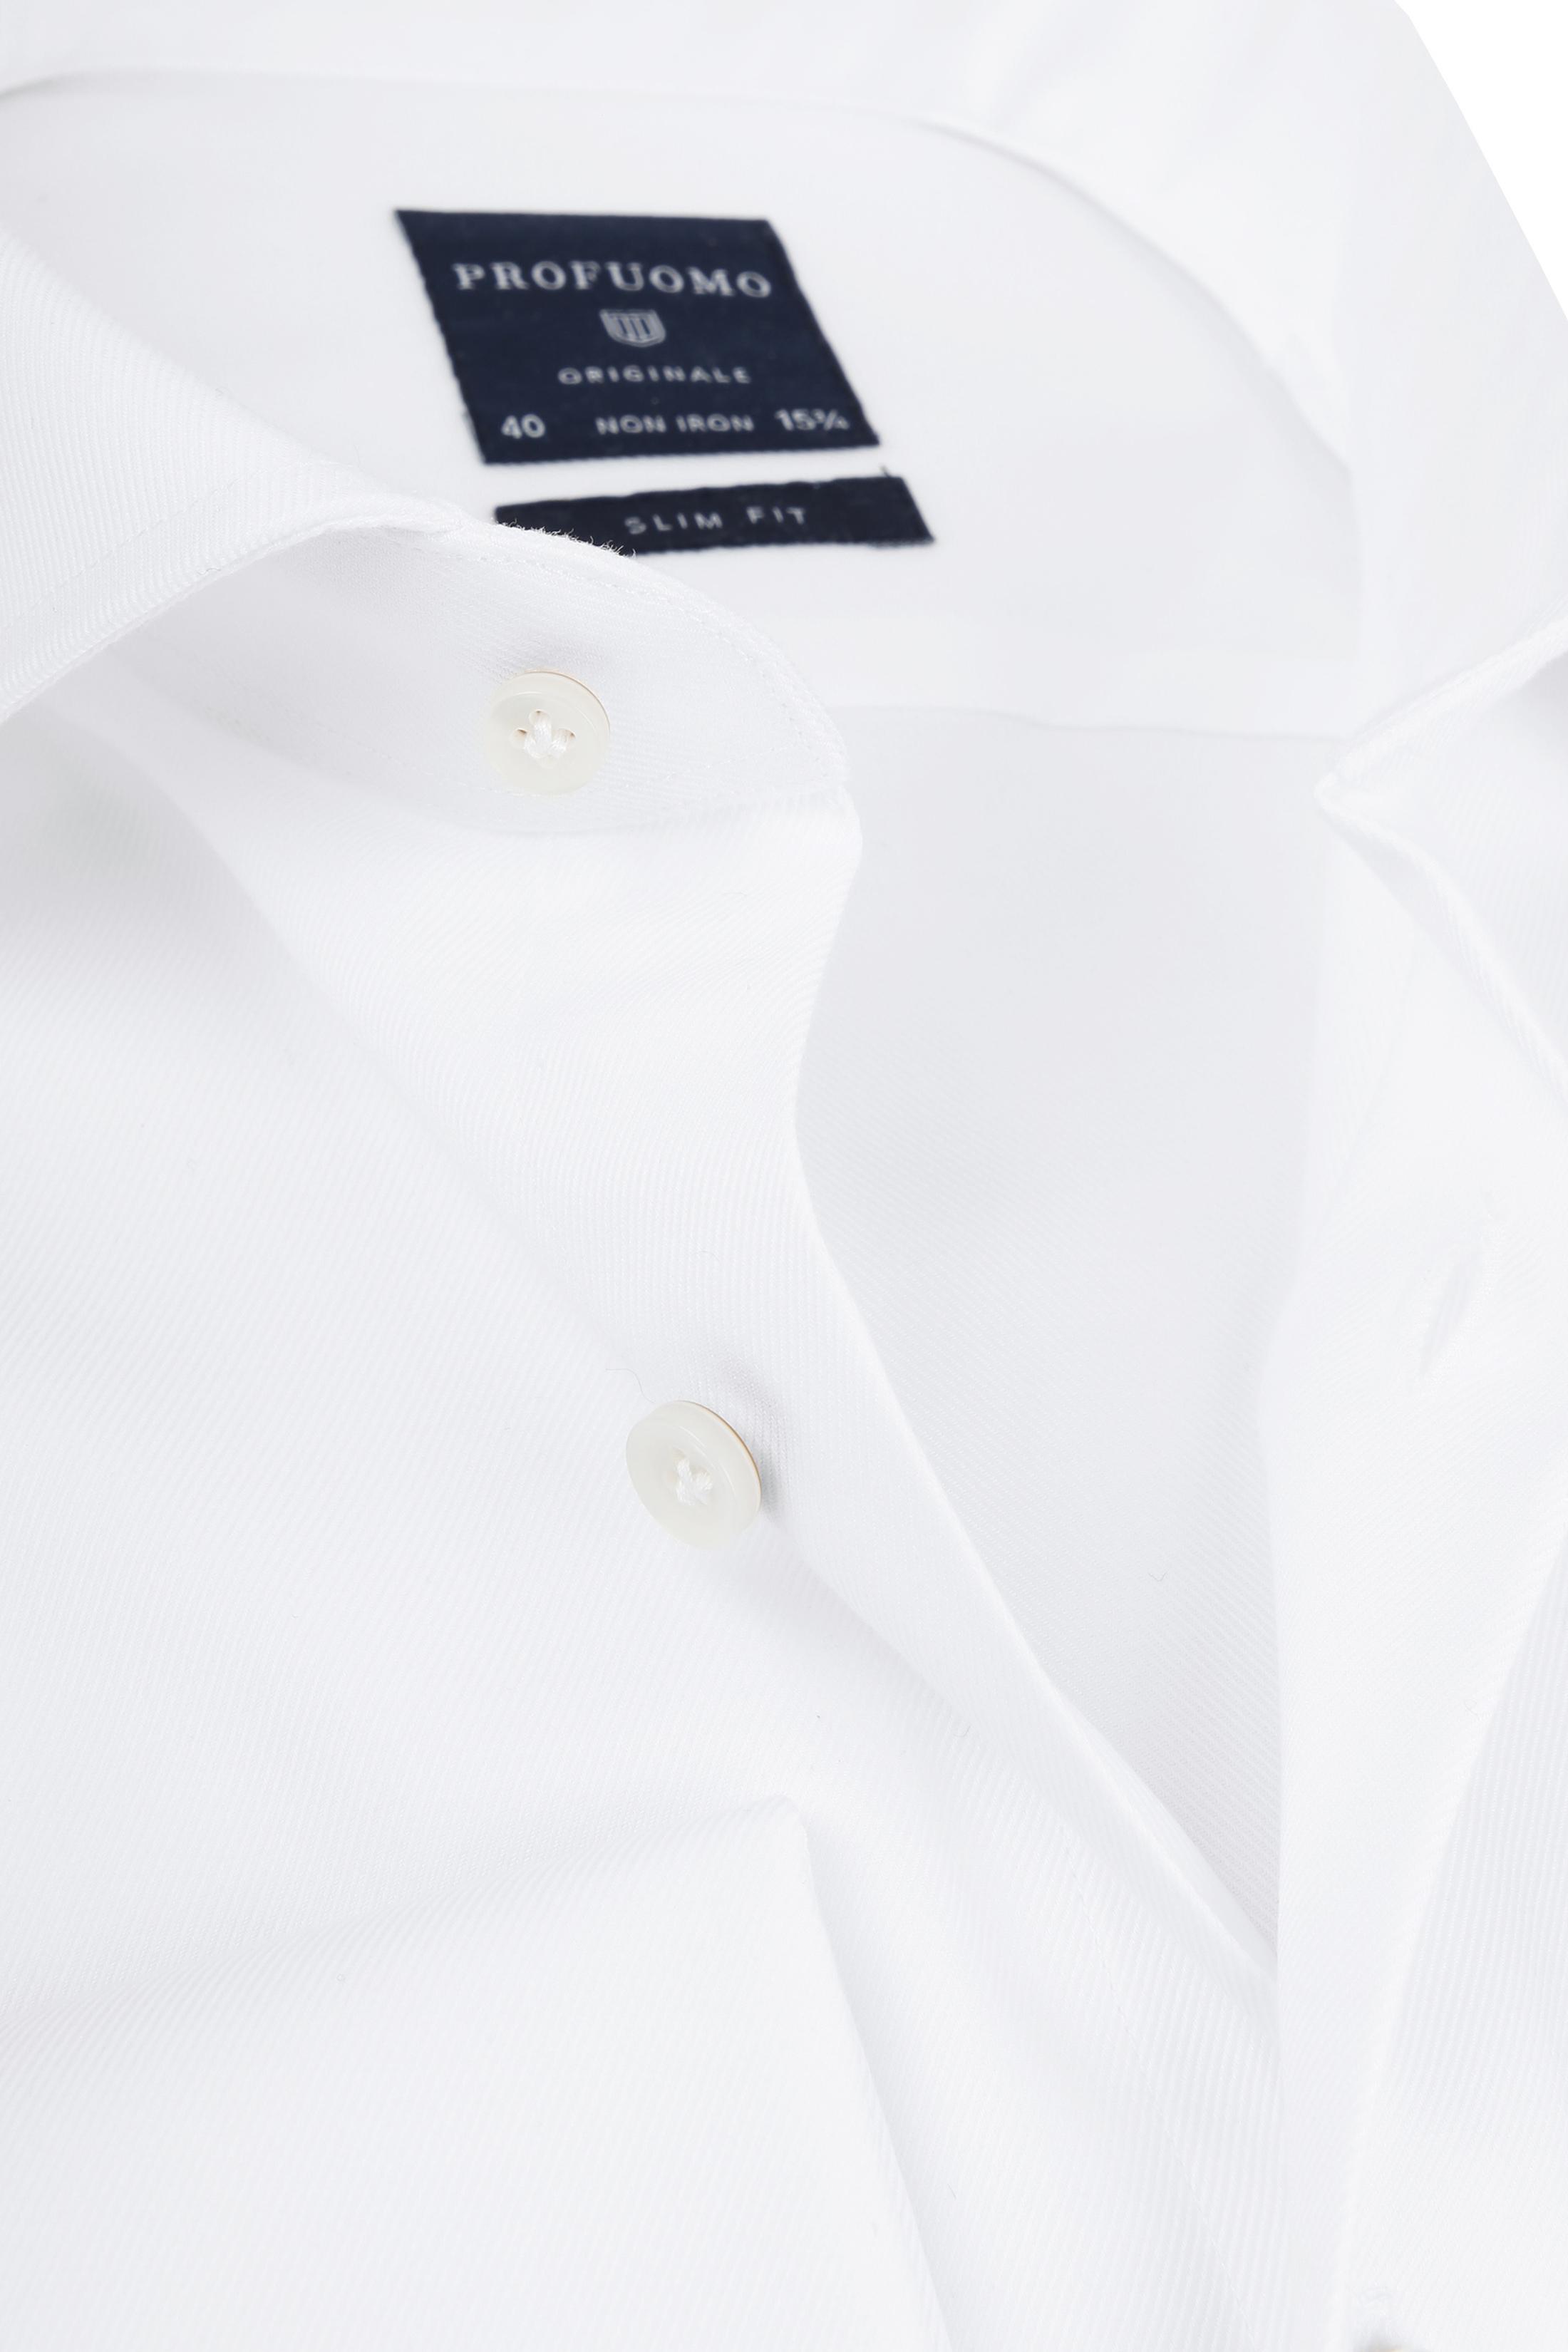 Profuomo Shirt Cutaway Double Cuff White